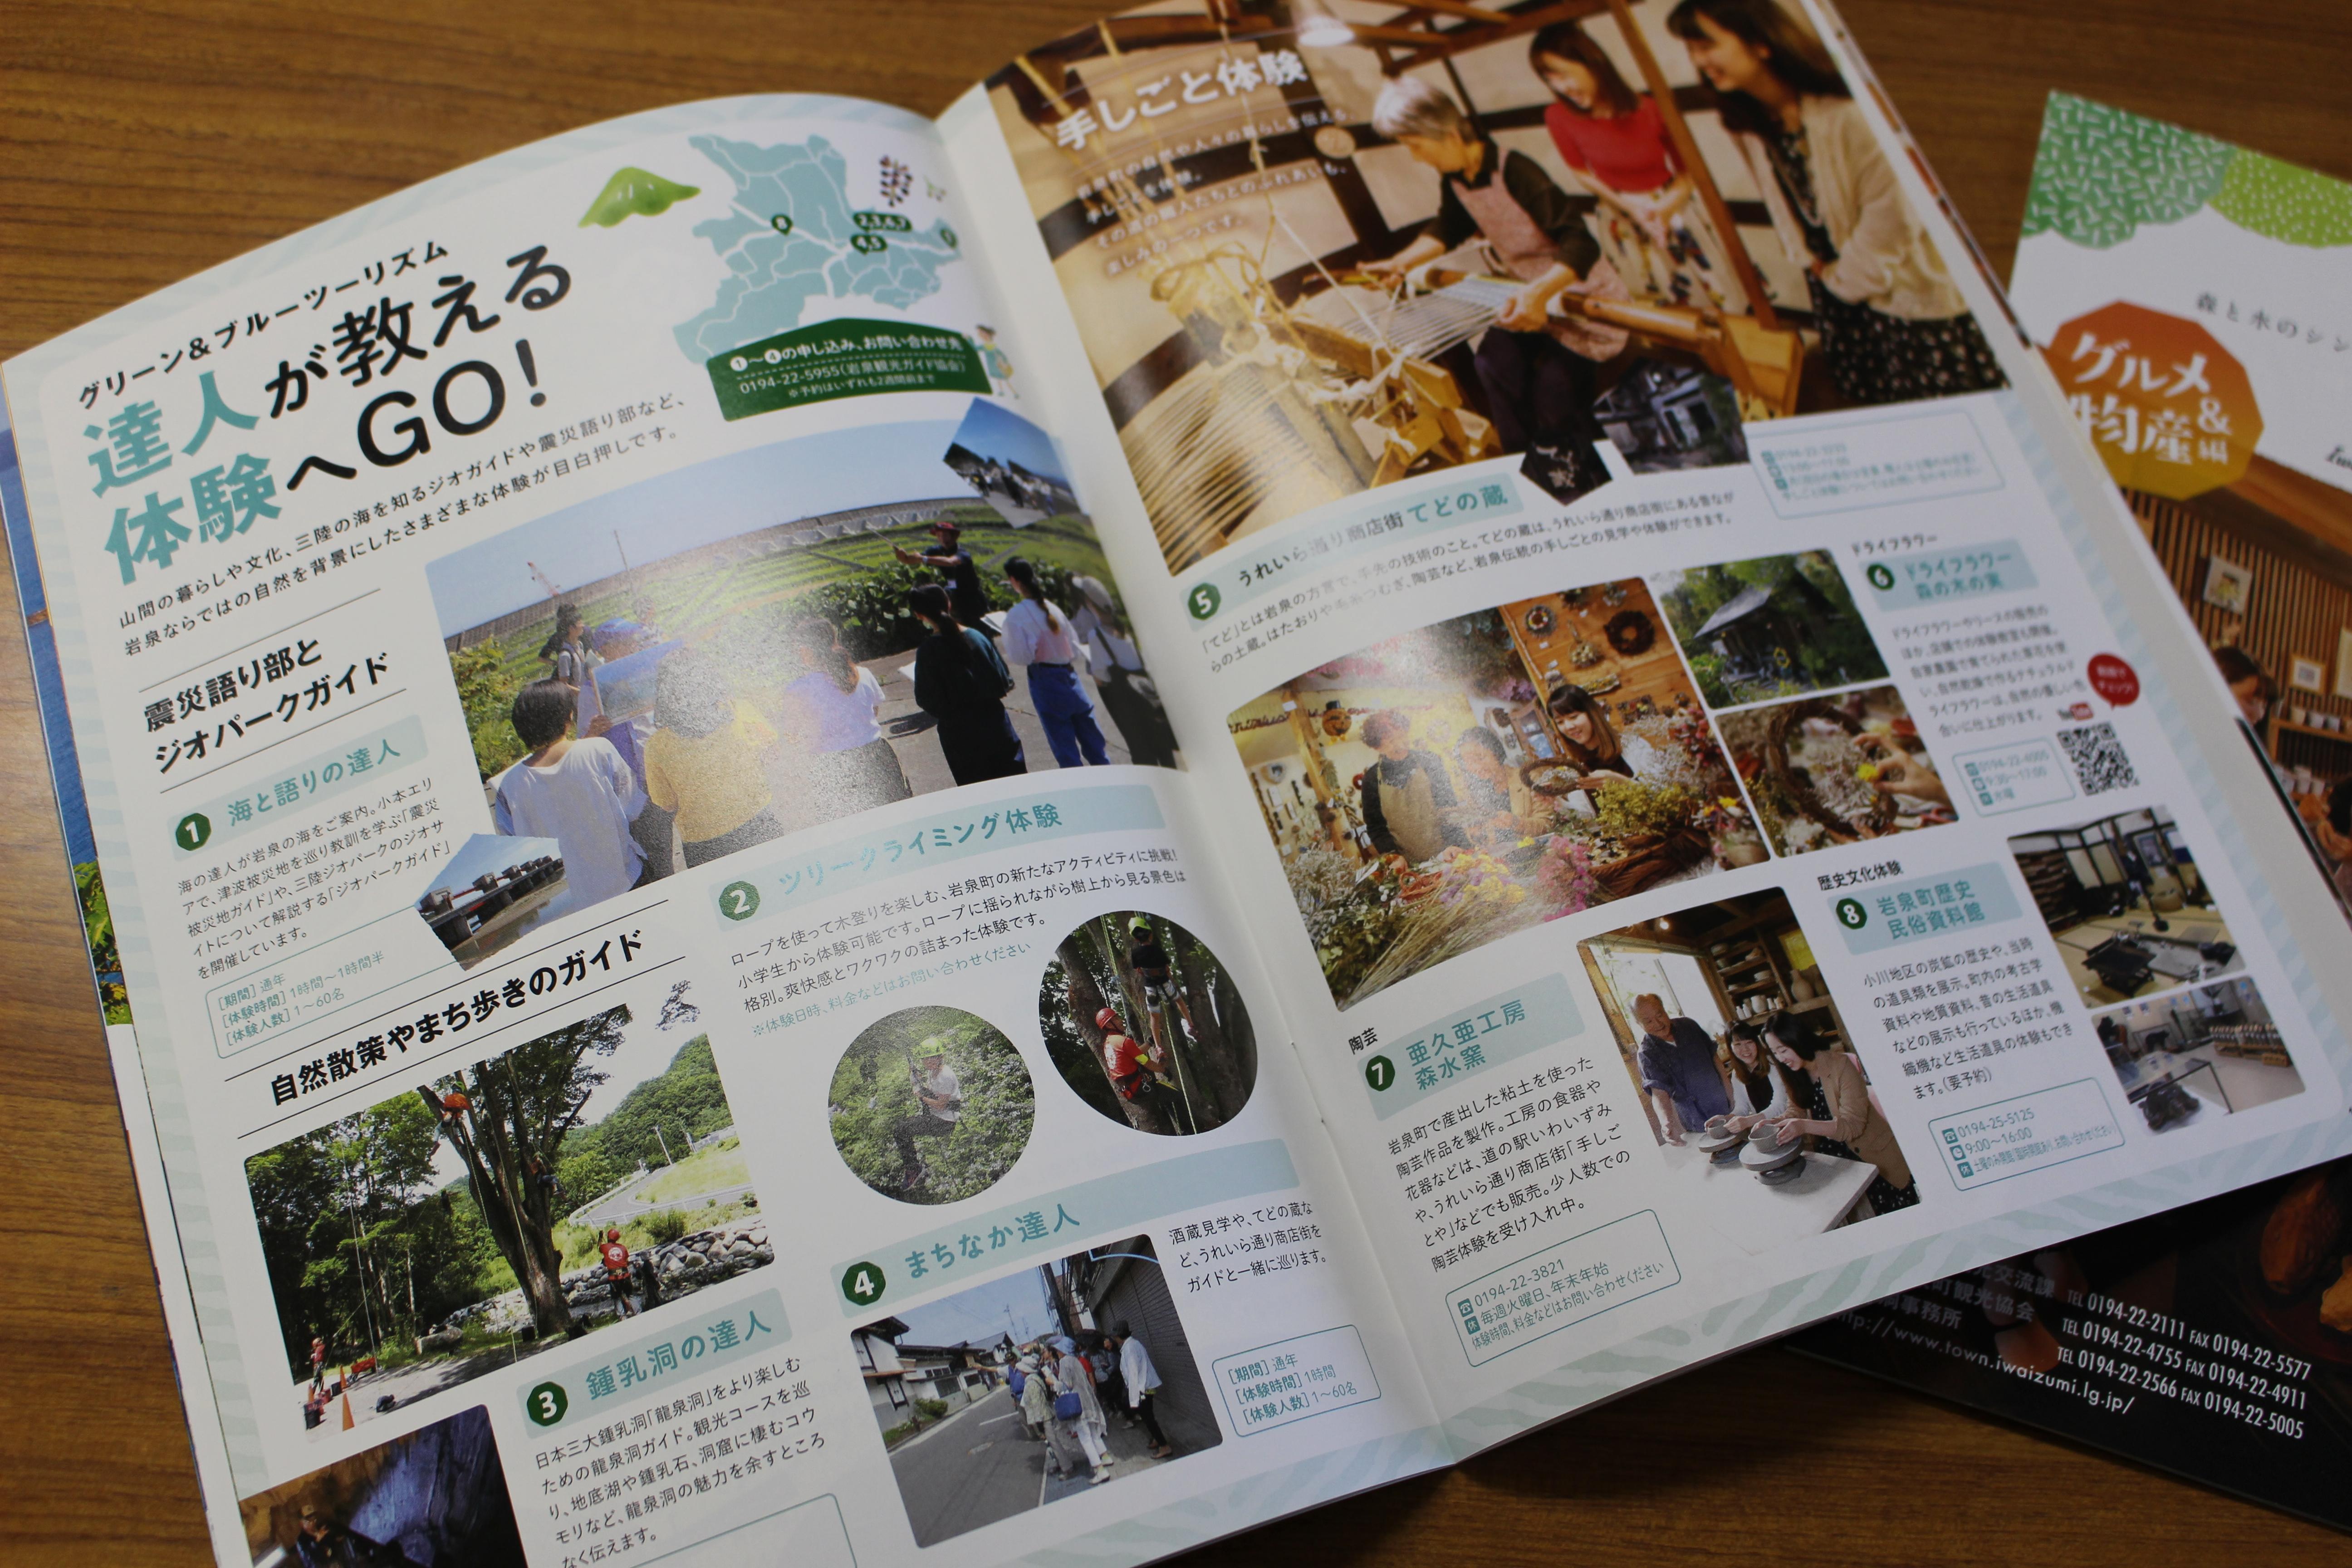 岩泉町観光パンフレットが新しくなりました!   いわいずみブログ